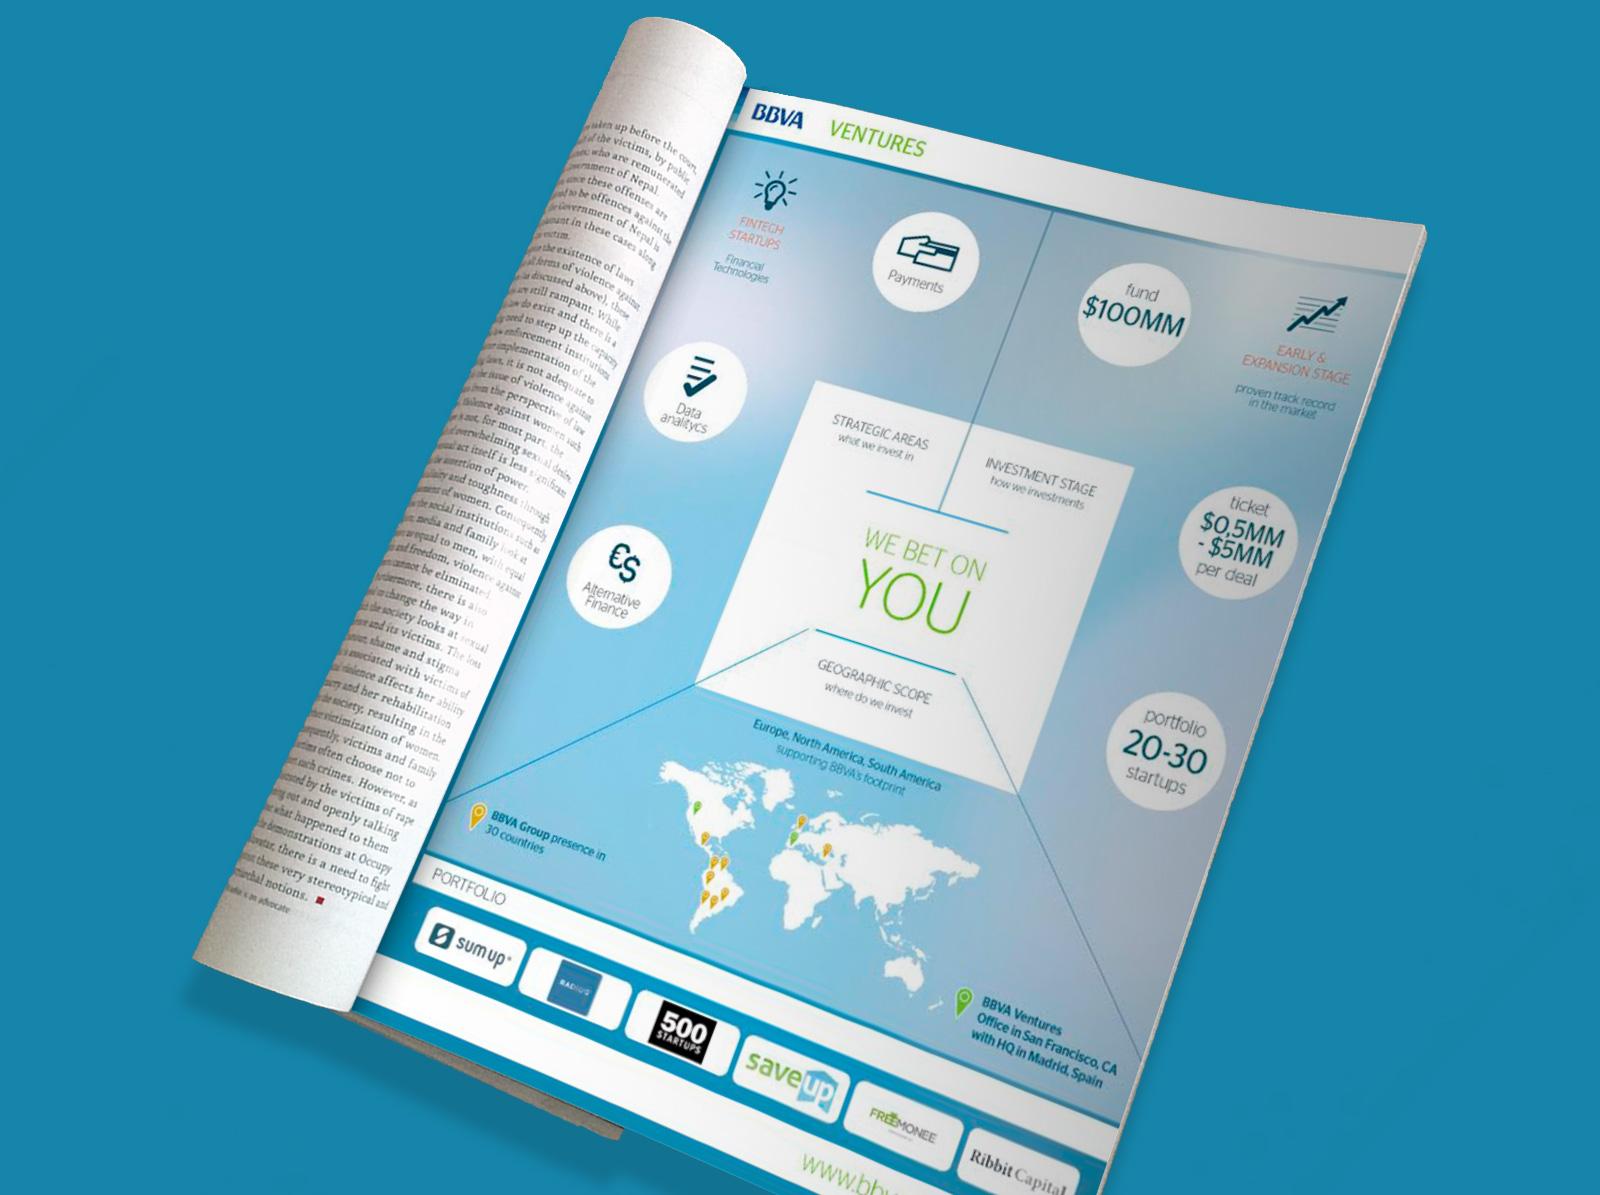 BBVA Venture: Ad